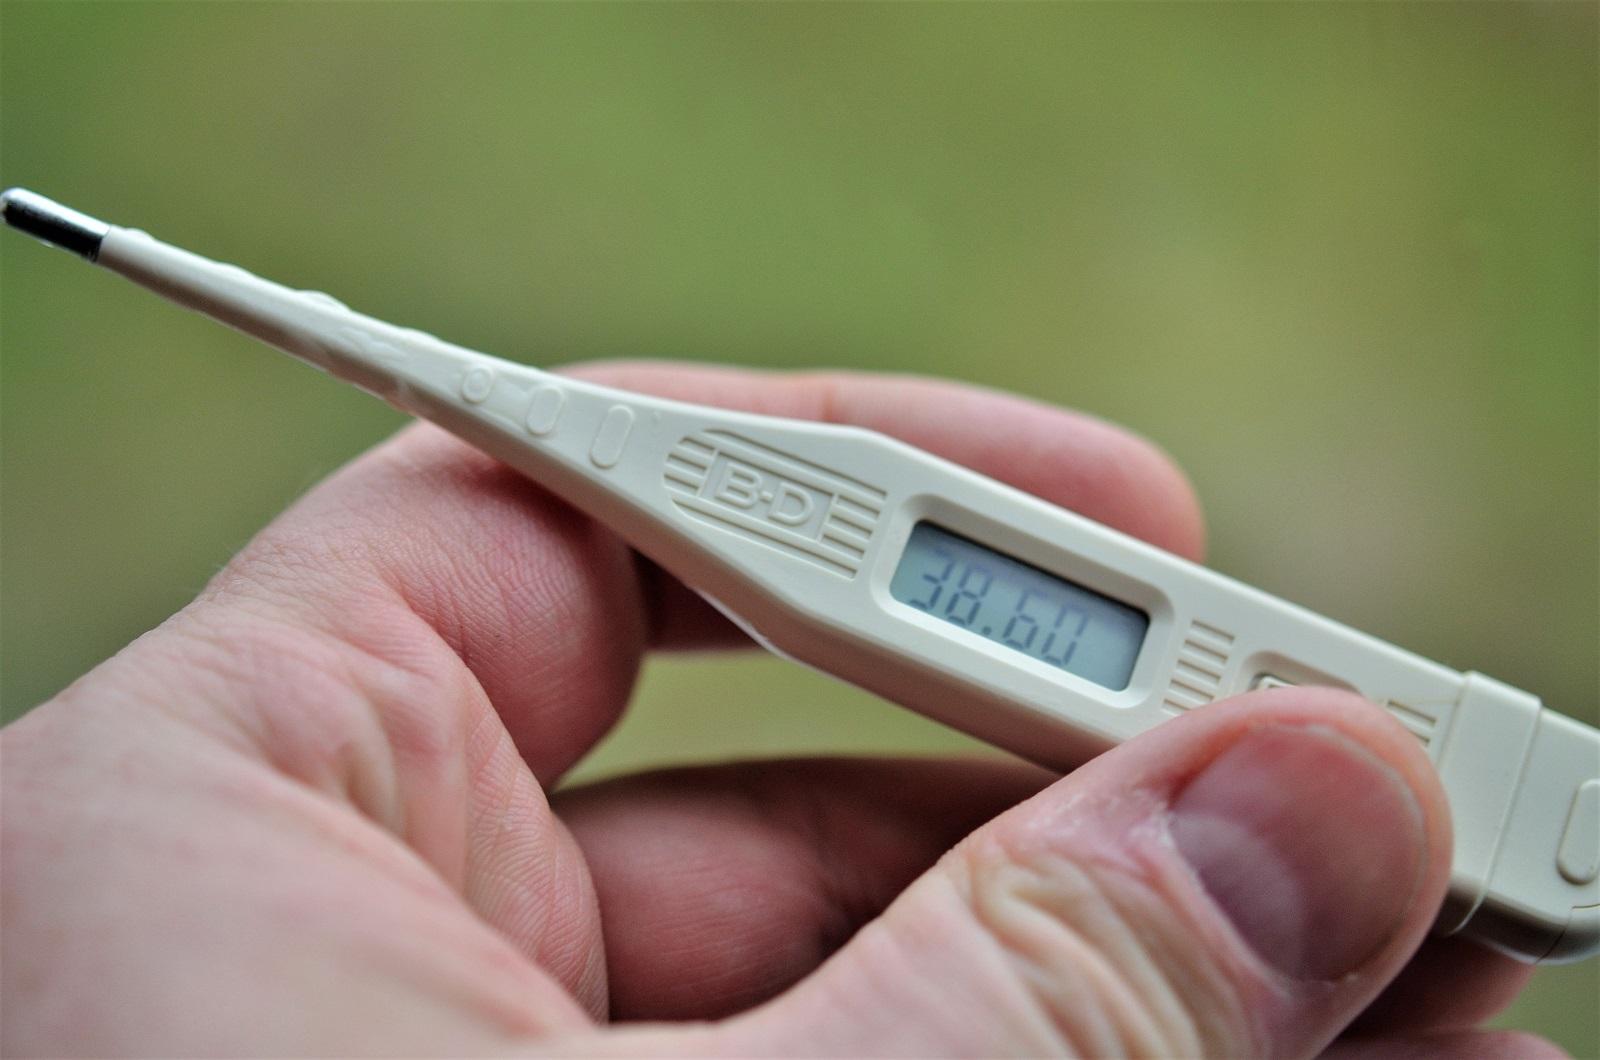 Billede af termometer der viser feber